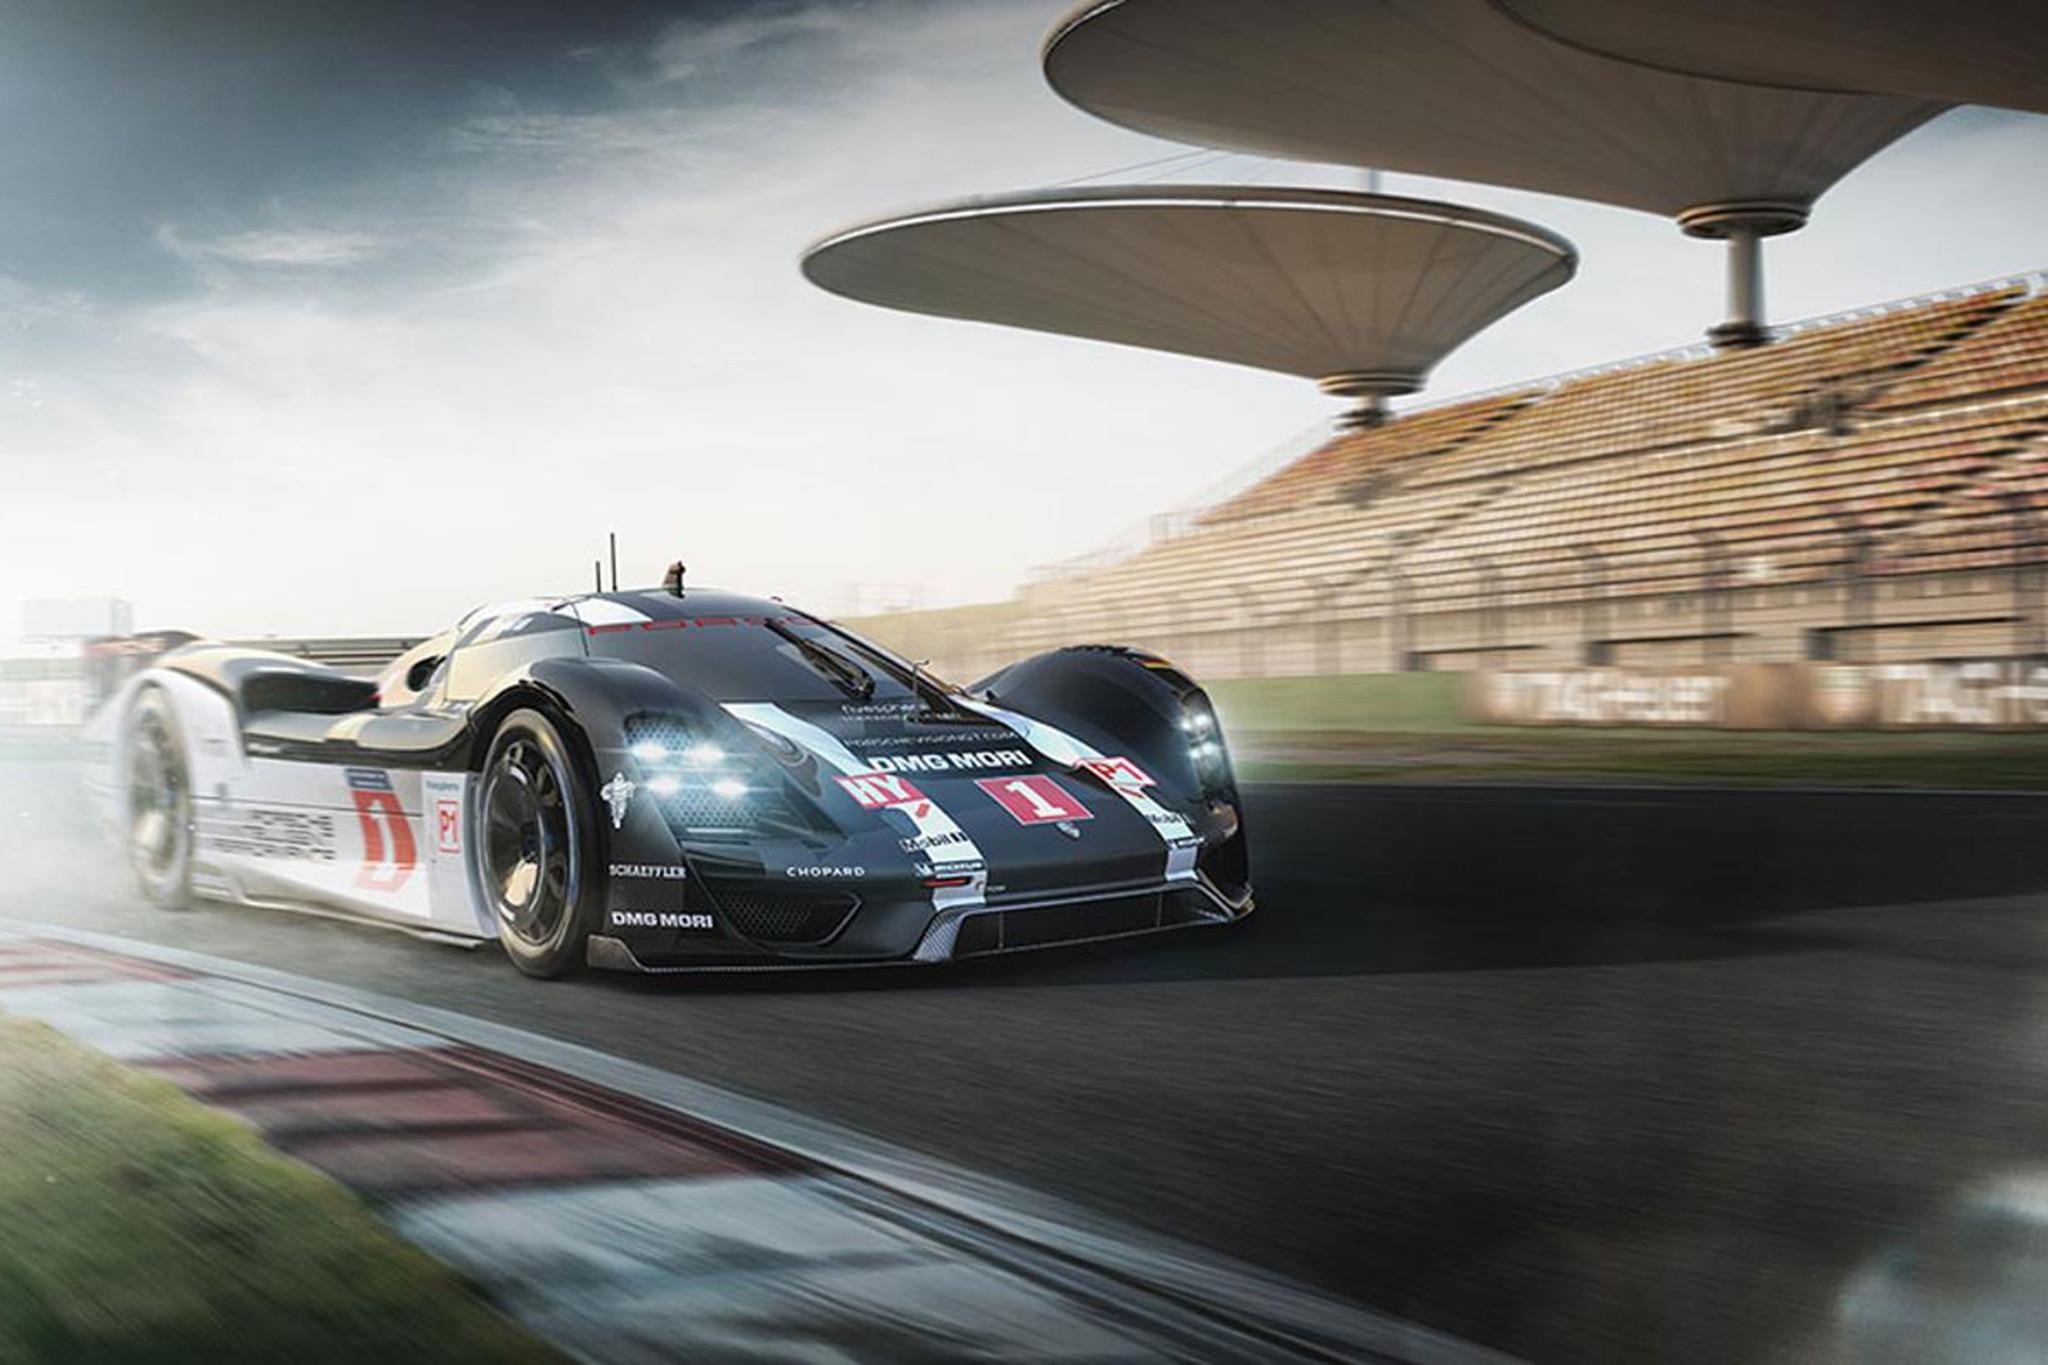 Porsche 908 04 Concept Race